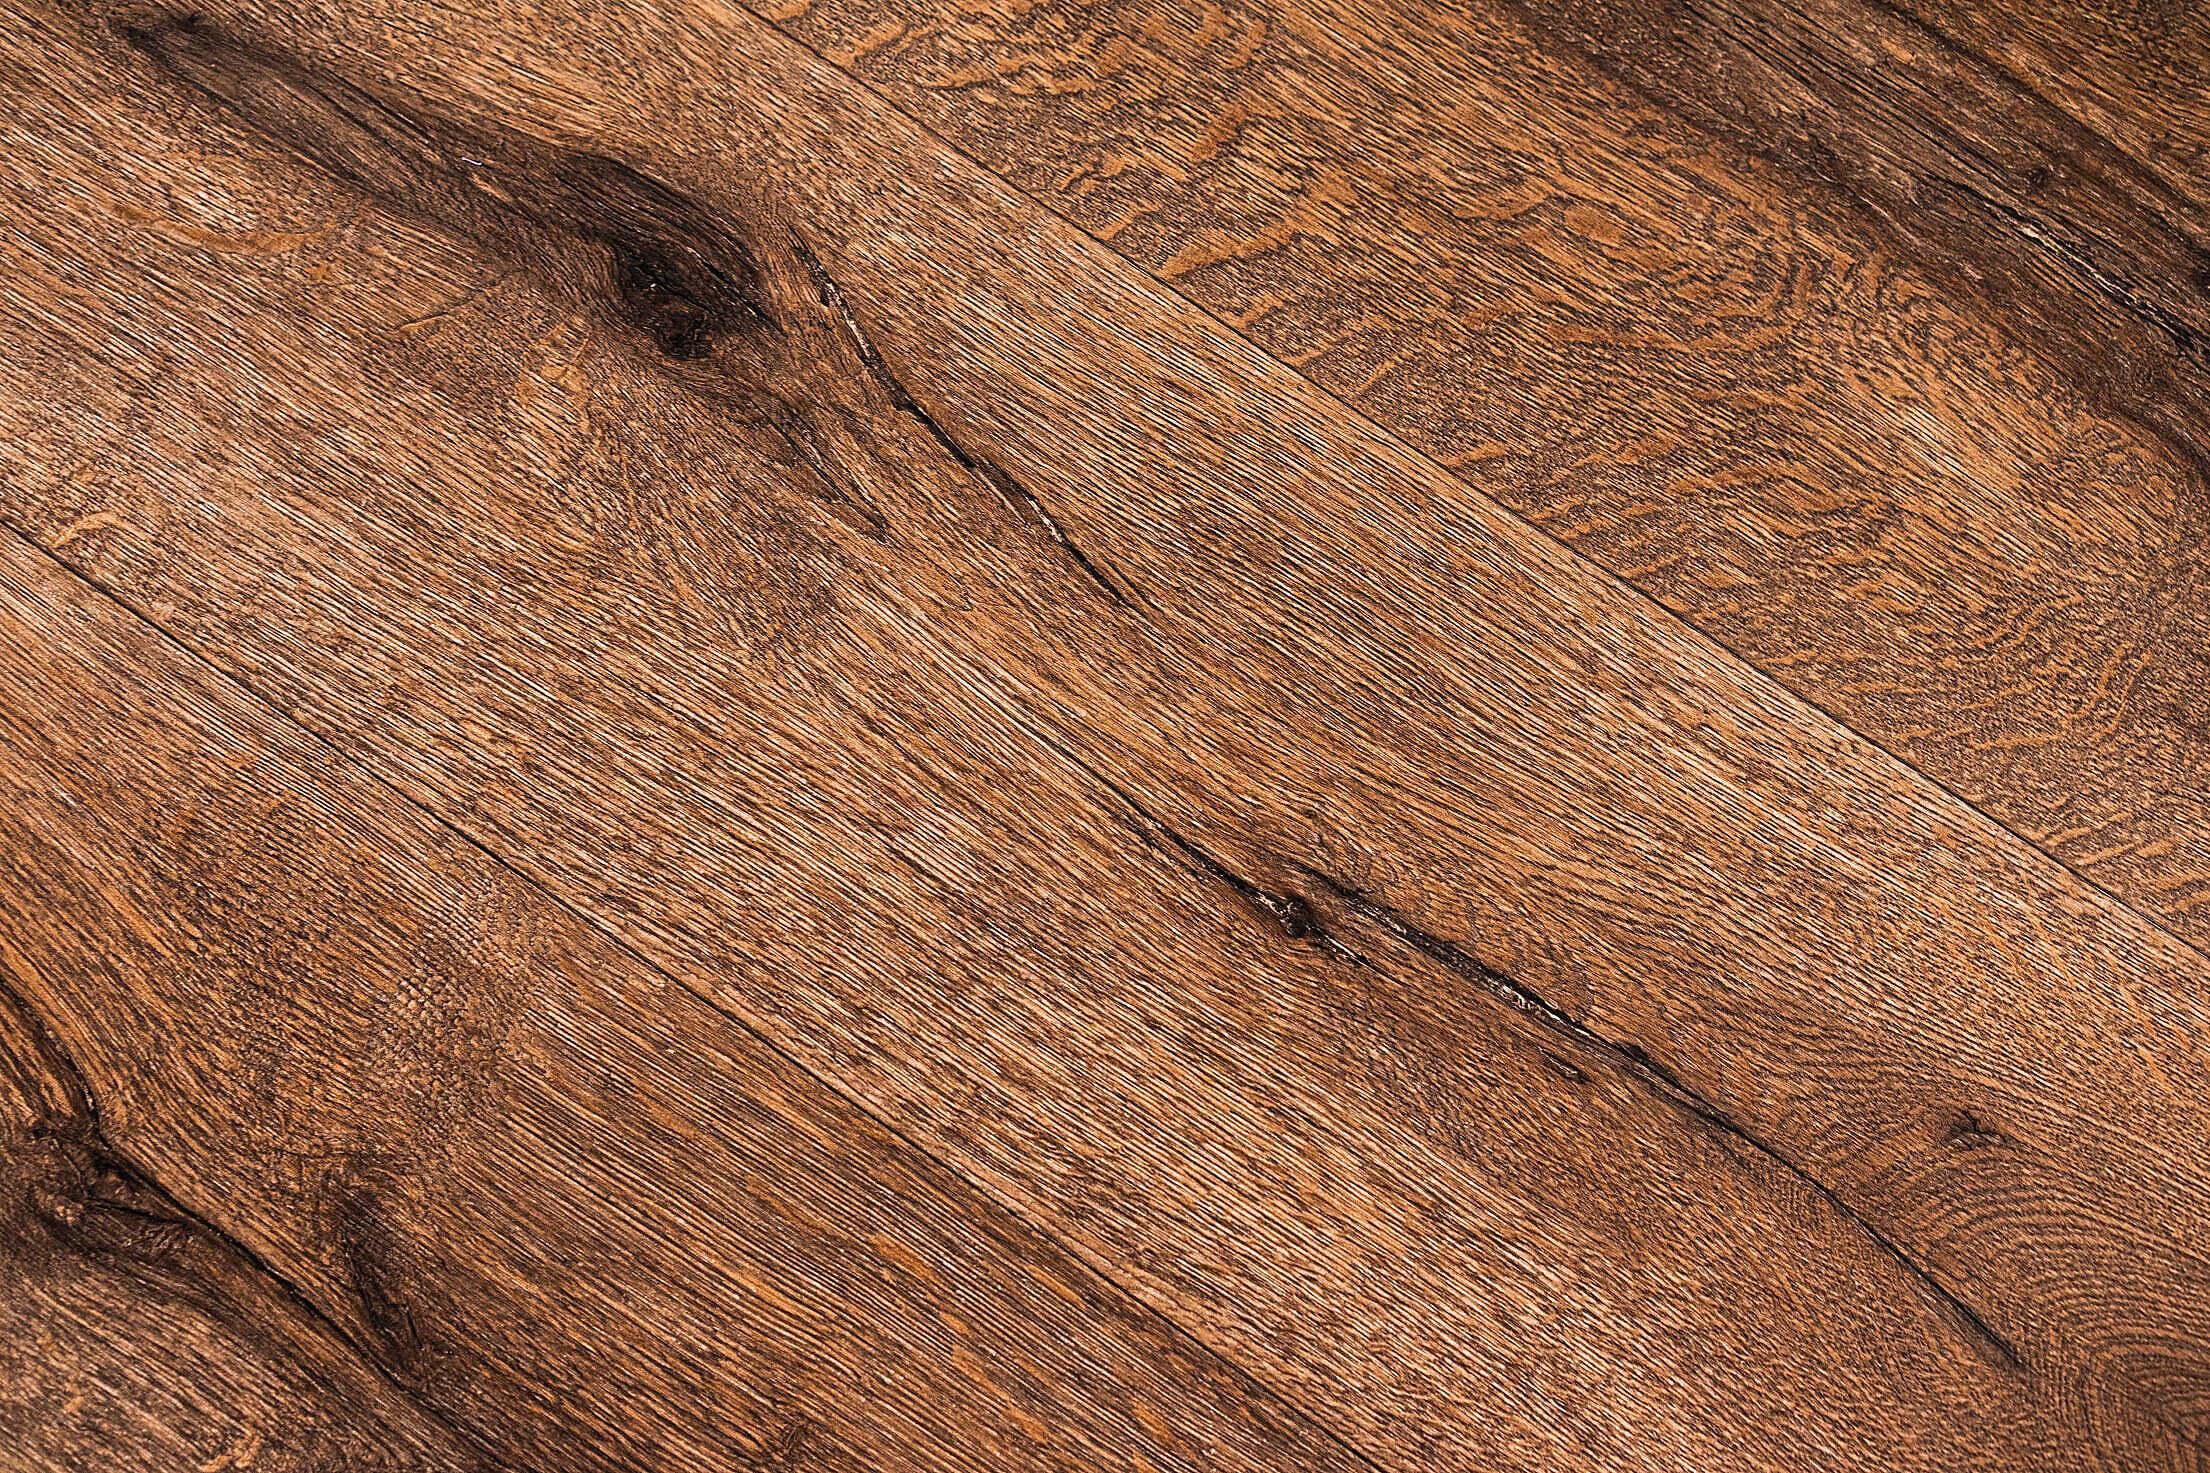 Wood Texture Diagonal Free Stock Photo